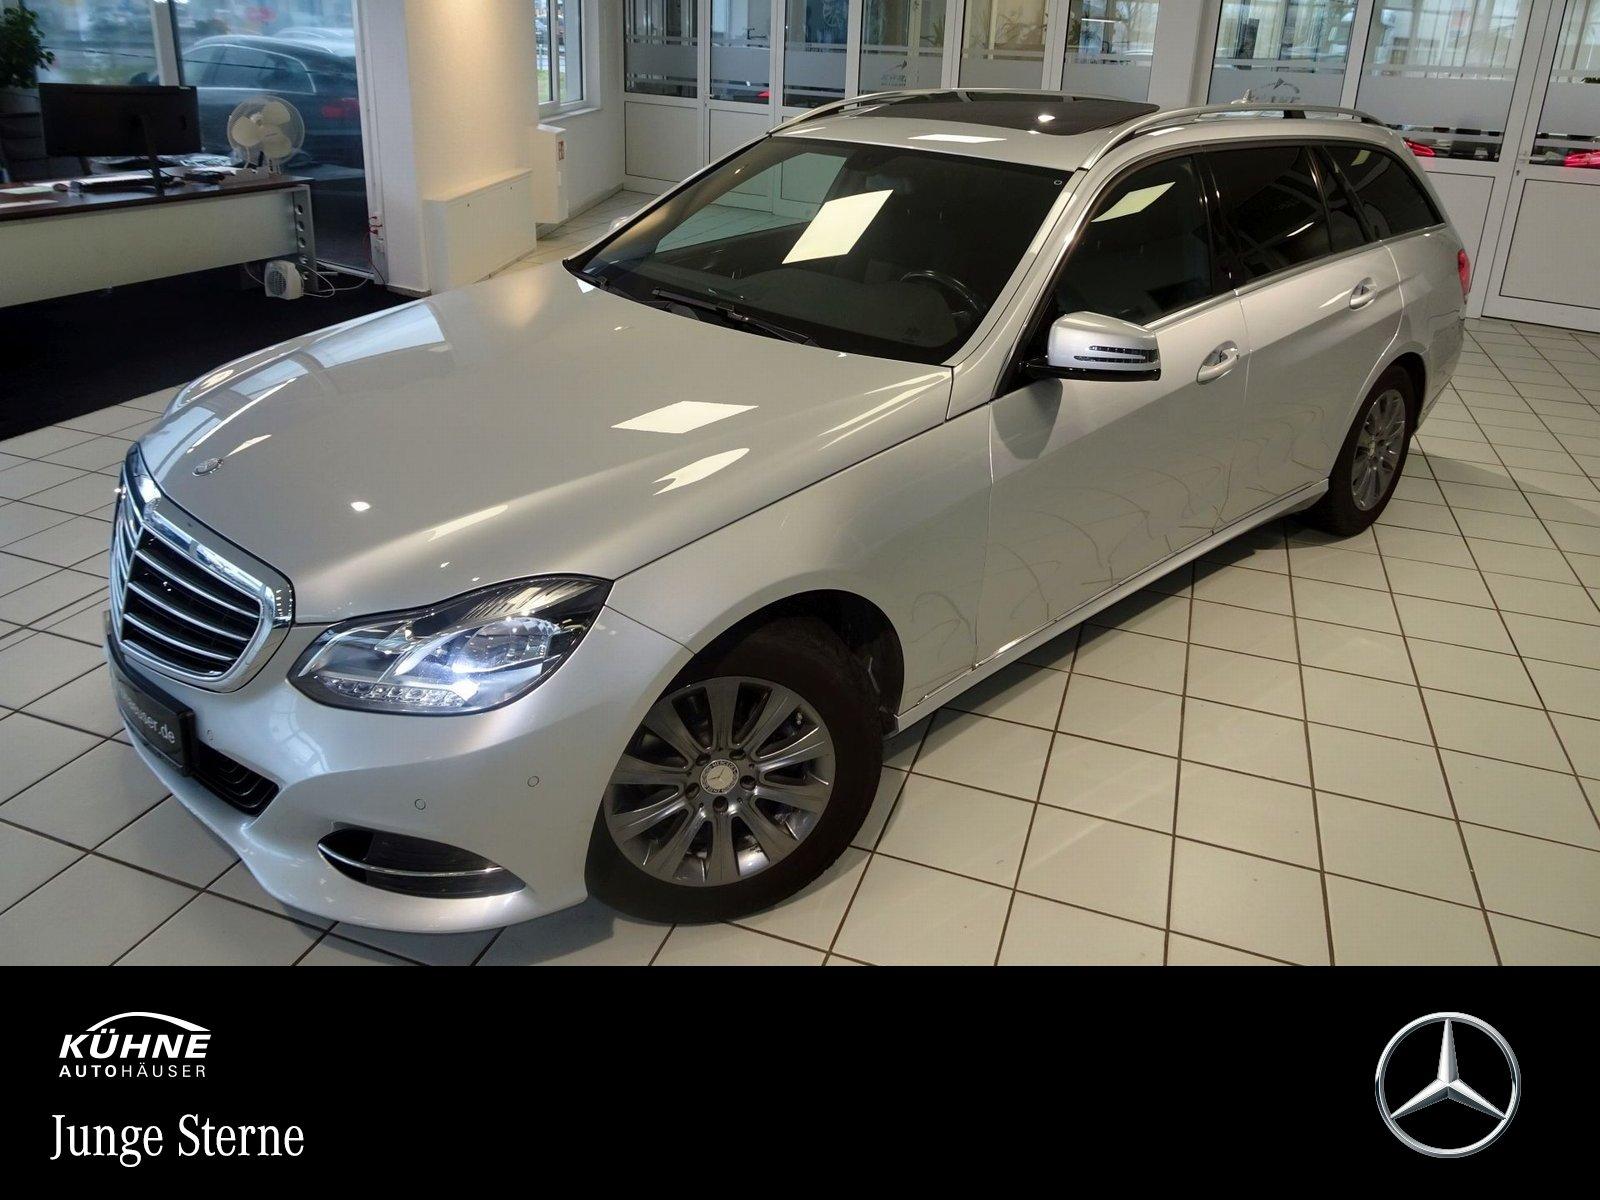 Mercedes-Benz E 220 CDI T 7G LED+COMAND+SCHIEBEDACH+KAMERA !!!, Jahr 2014, Diesel